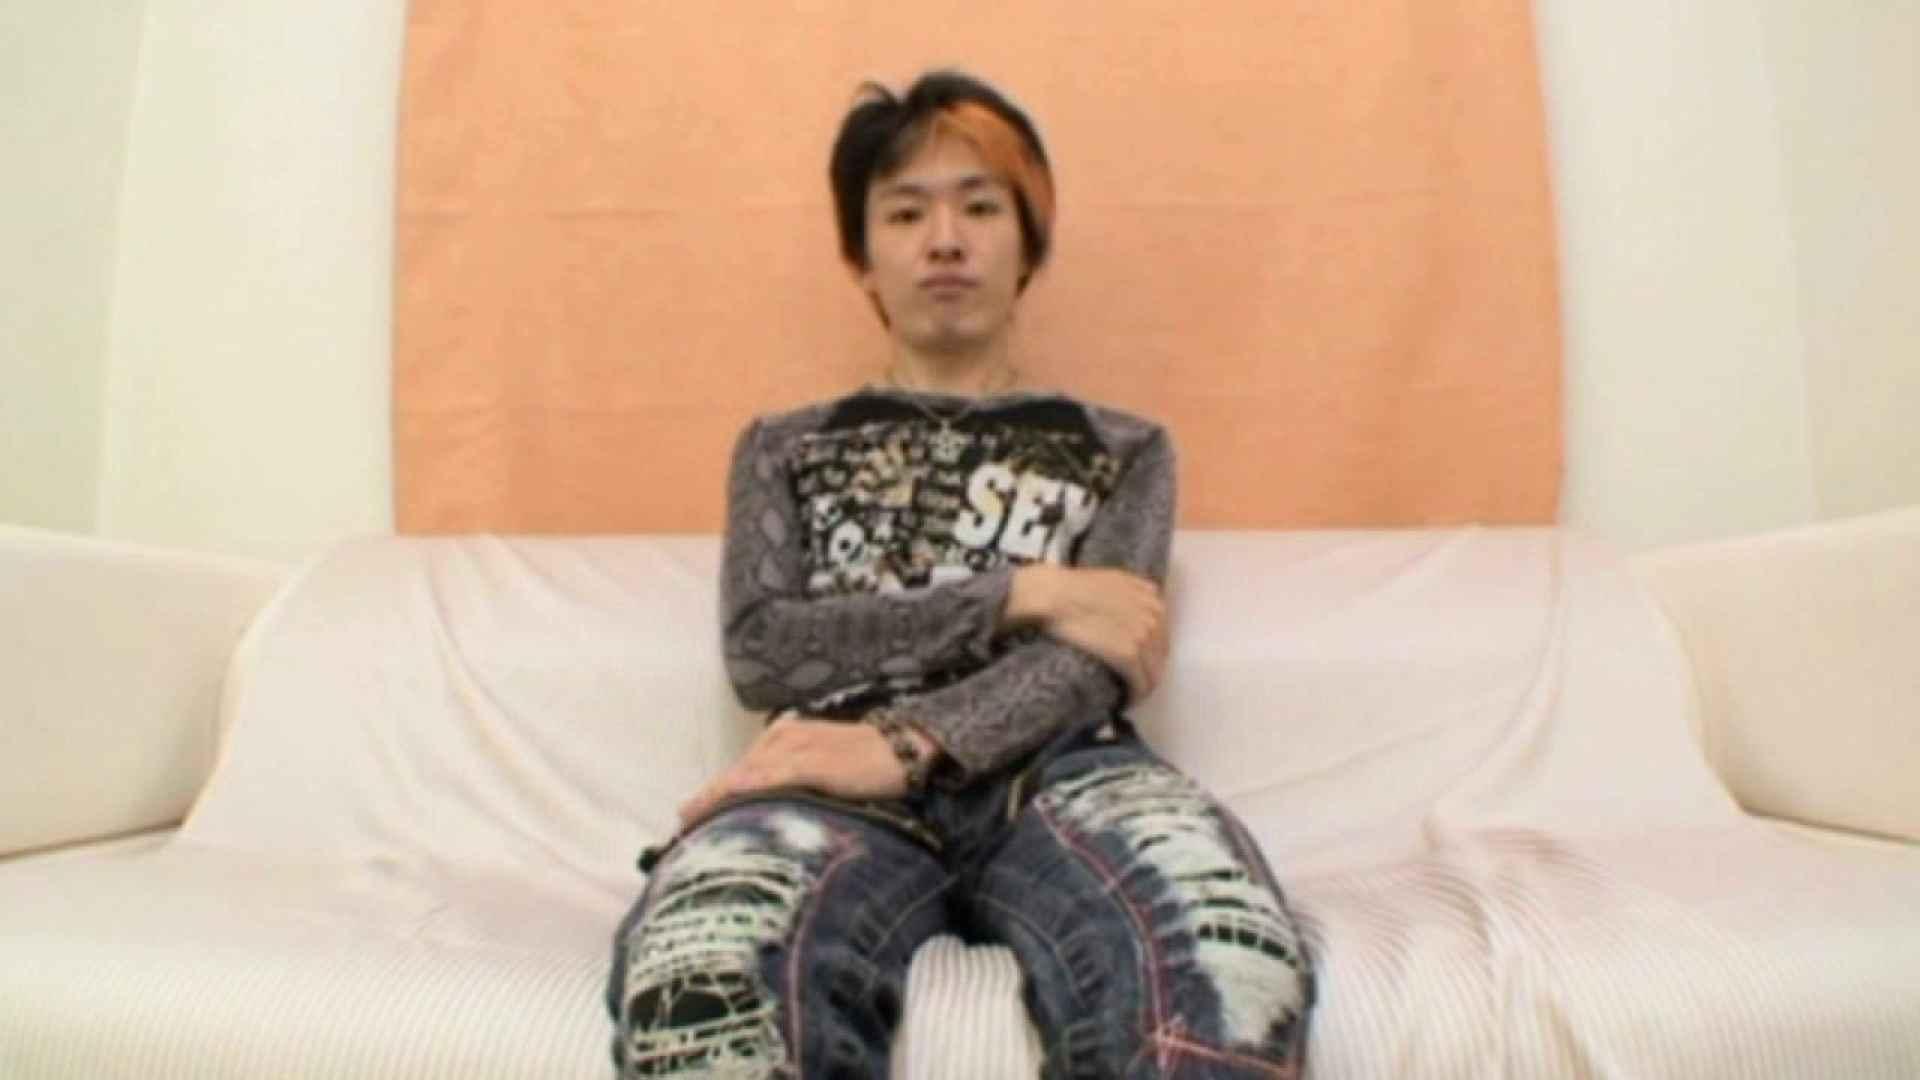 ノンケ!自慰スタジオ No.12 発射天国 ゲイ無修正ビデオ画像 102pic 4